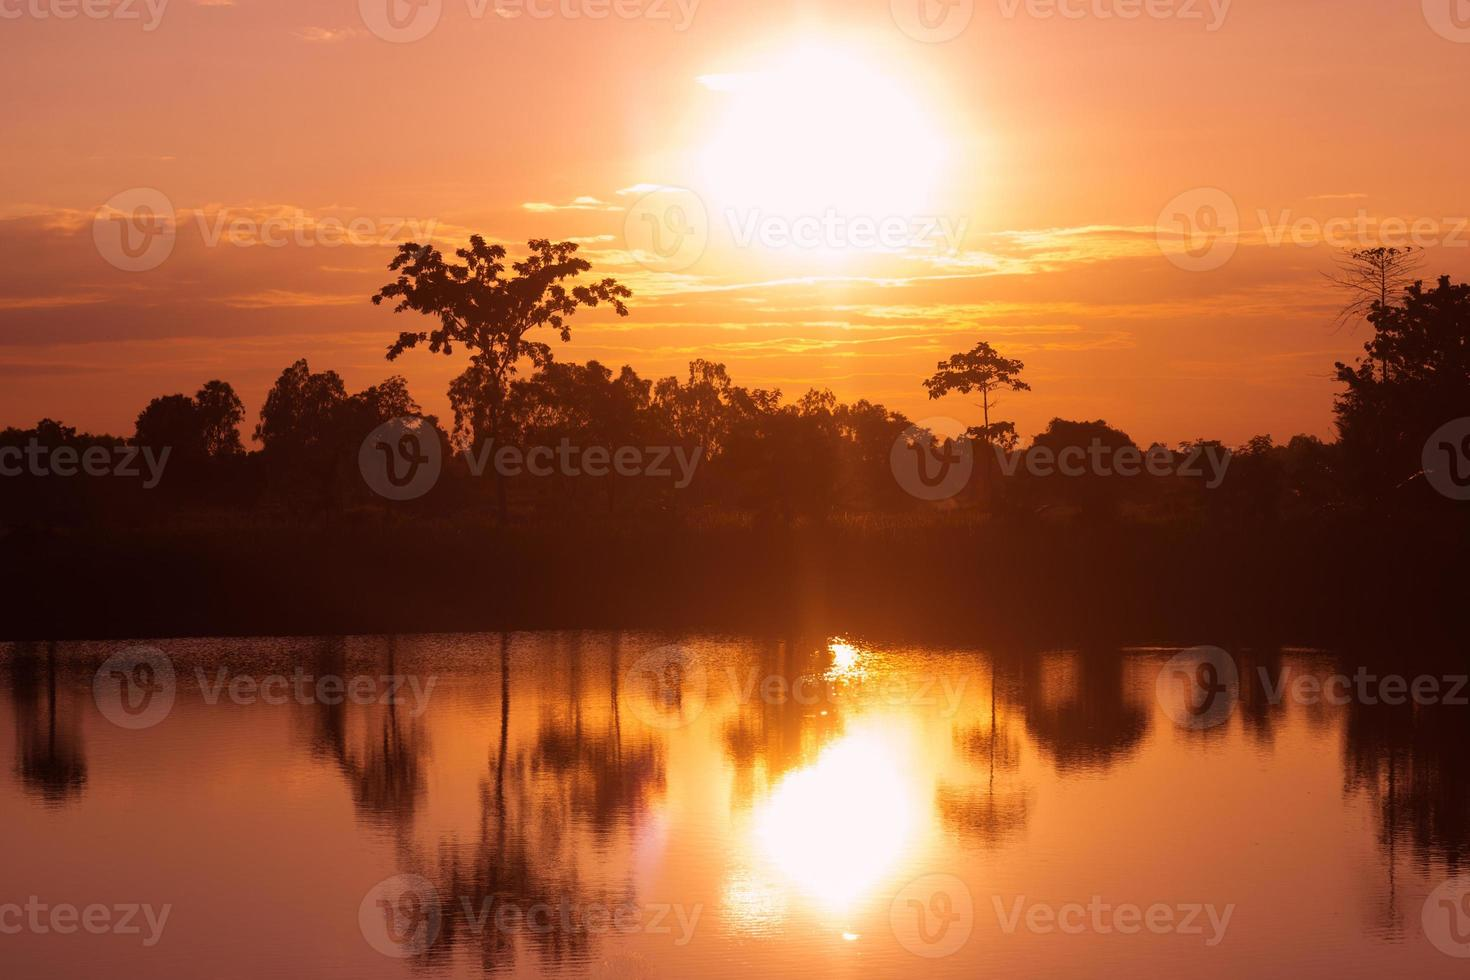 silueta de árboles con cielo al atardecer cerca del río foto